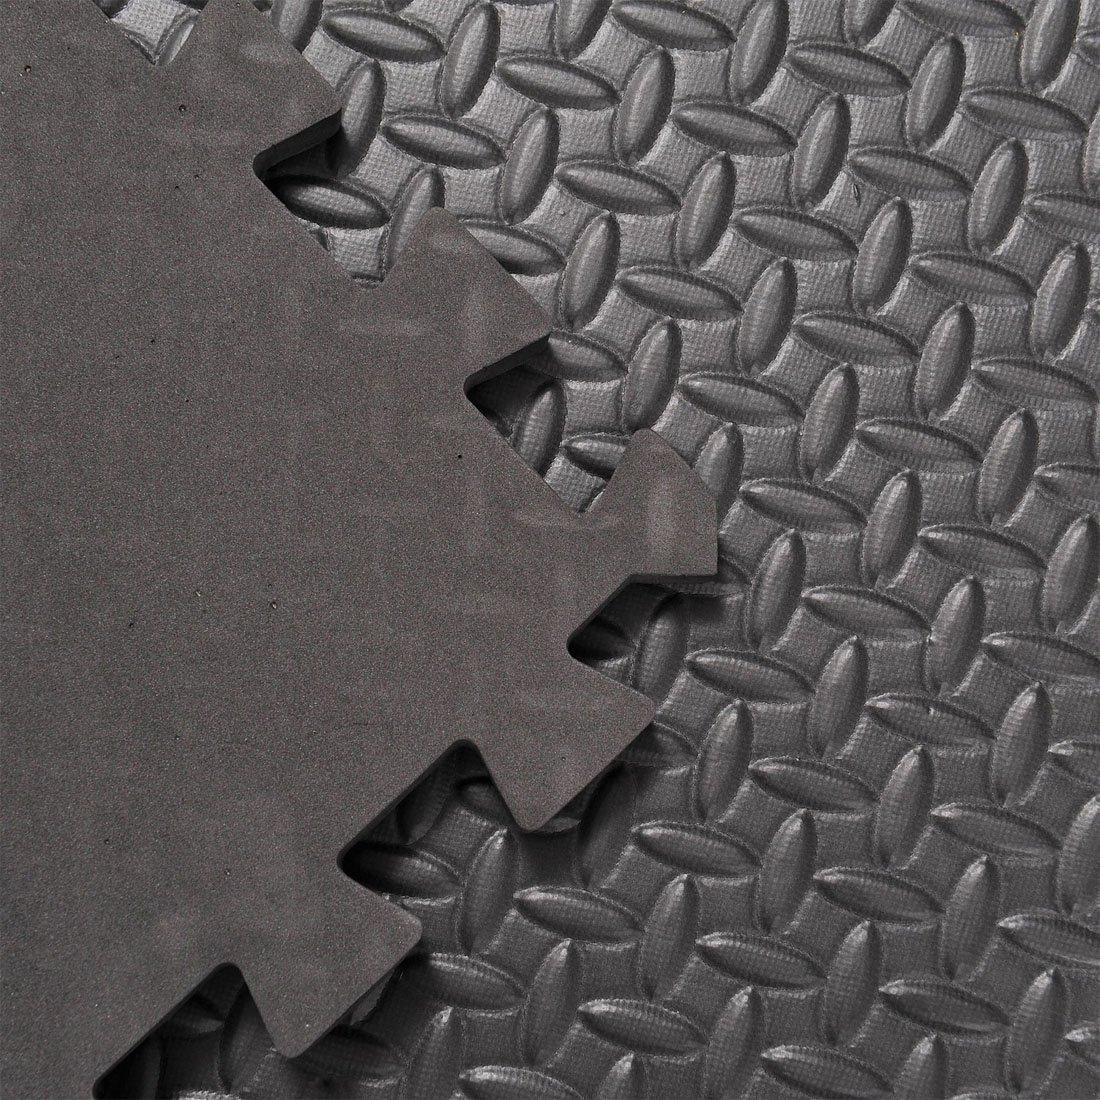 Blanc/ 16 SQ FT /Noir Leafage Dalles en mousse Tapis de sol embo/îtables Gym jouer Garage Atelier Tapis de sol 2/m x 2/m 60/x 60/cm 4 Mats